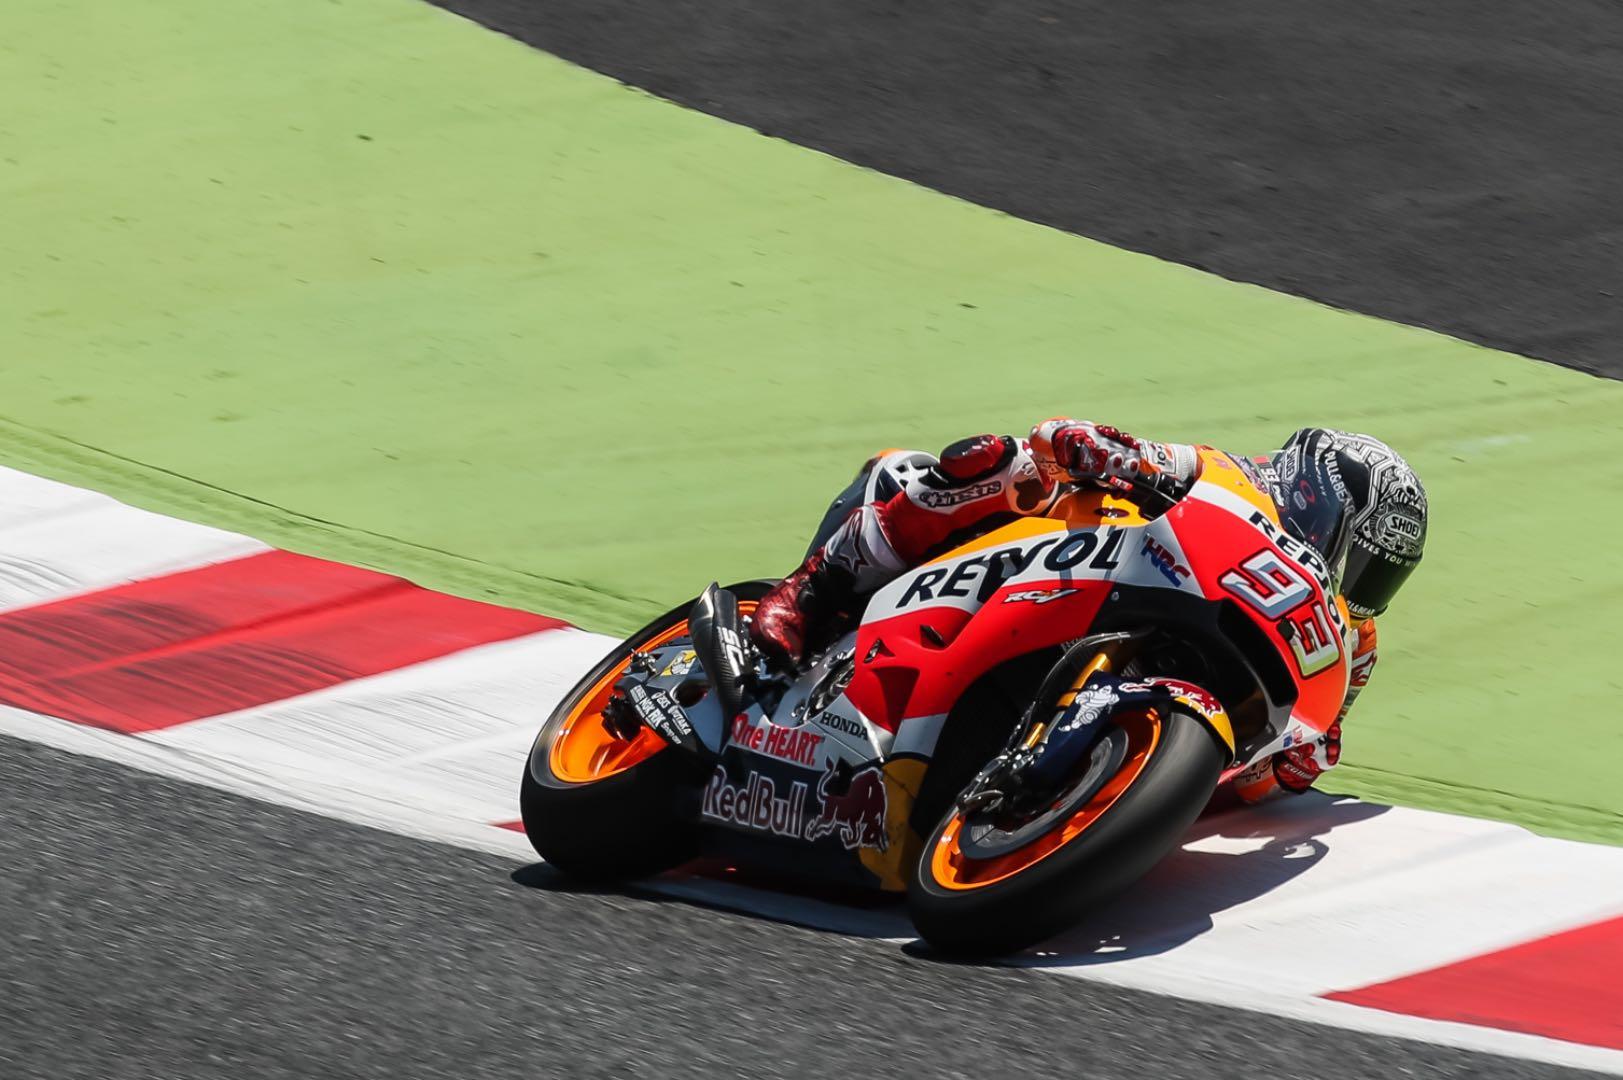 2017 Catalunya MotoGP Test: Honda's Marc Marquez